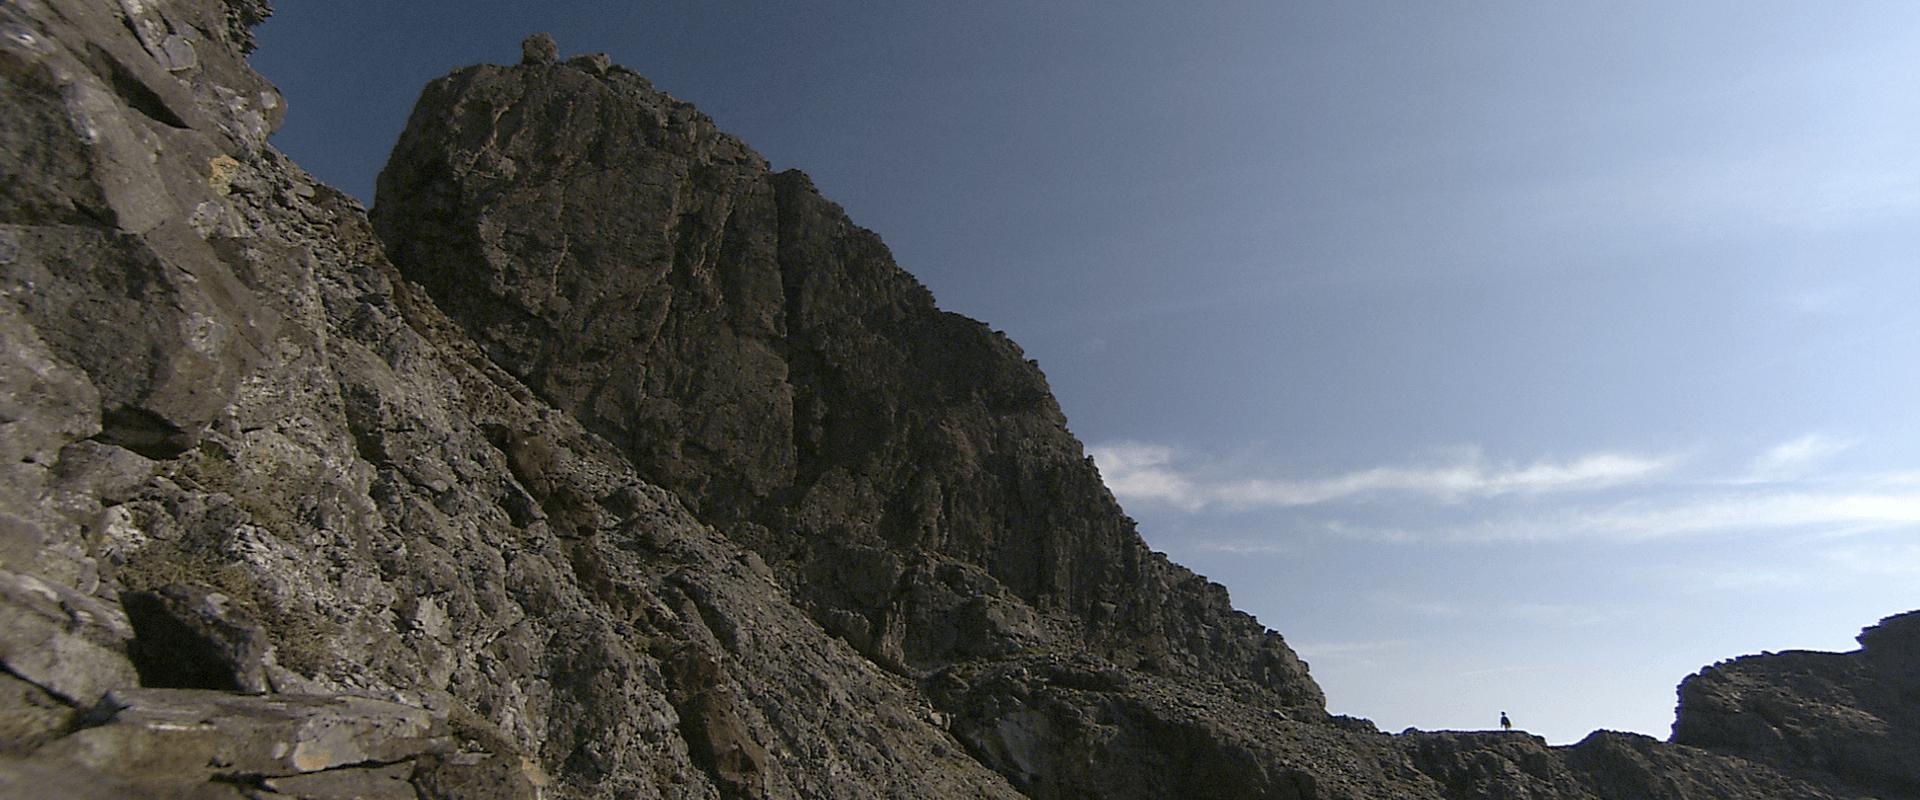 Seachd_Mountain_06_1920_8.png